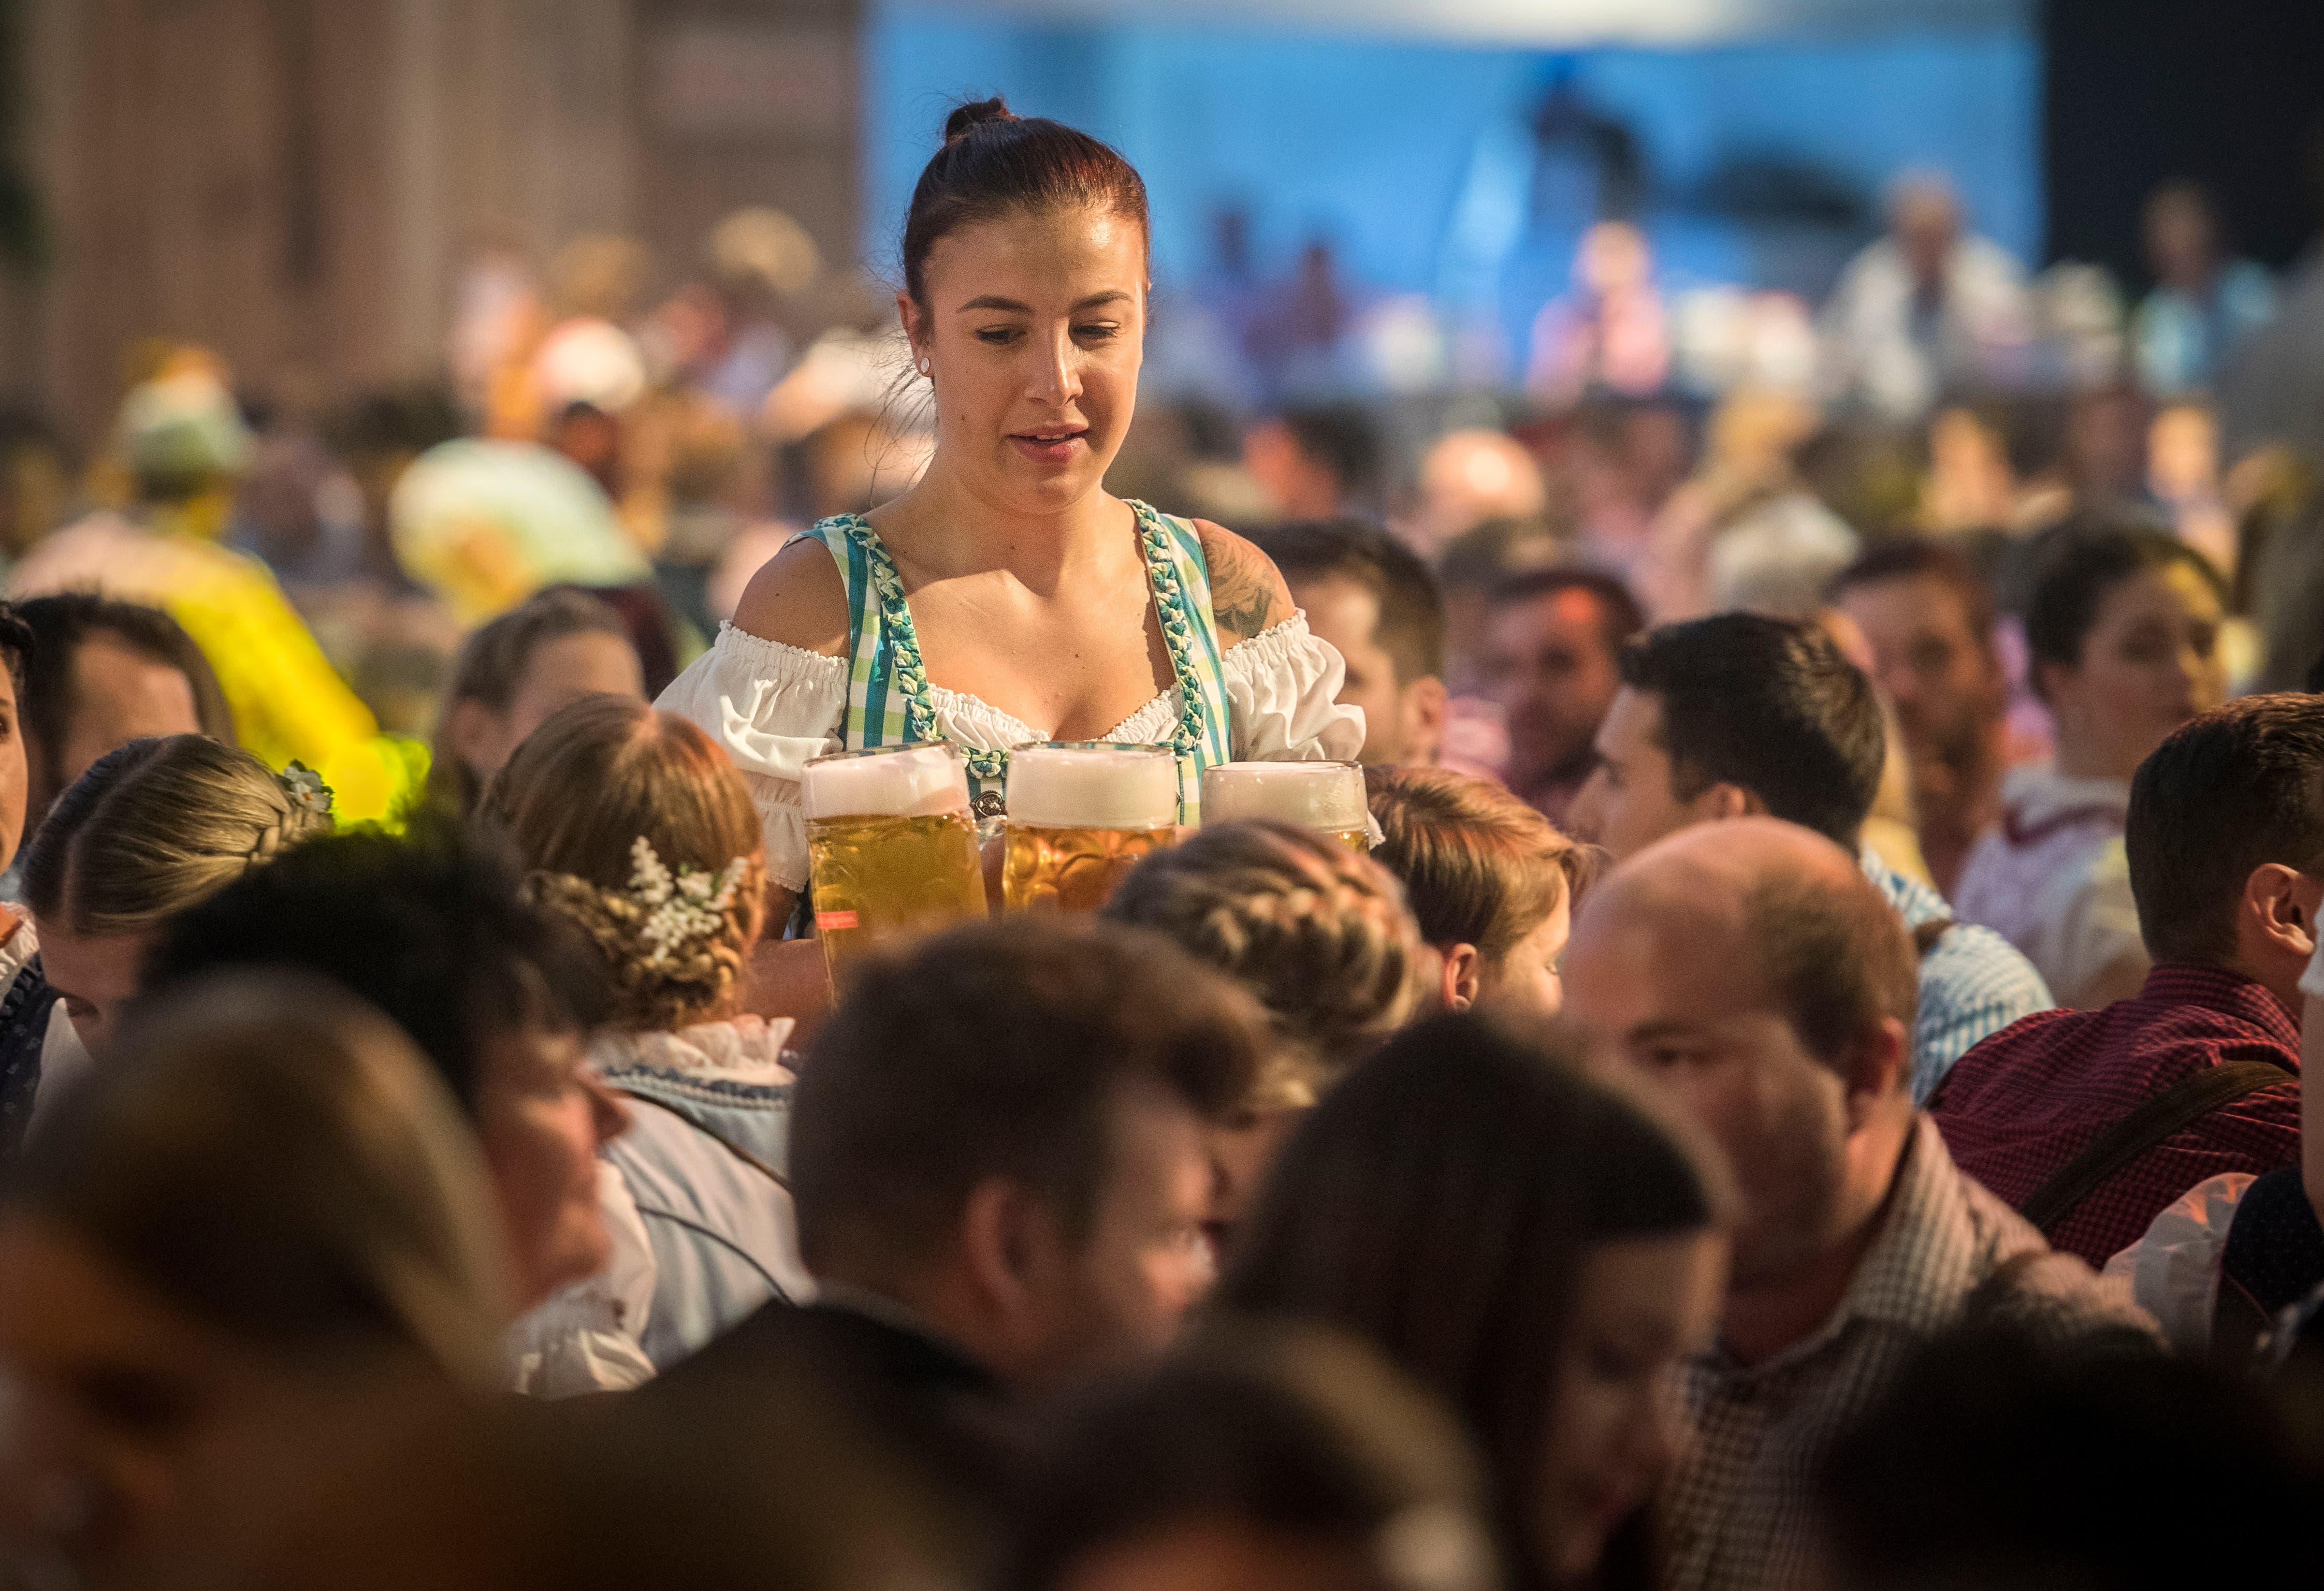 An immer mehr Orten in der Schweiz finden Oktoberfeste statt. Damit scheint sich ein neuer Brauch zu etablieren. (Bild: Reto Martin)